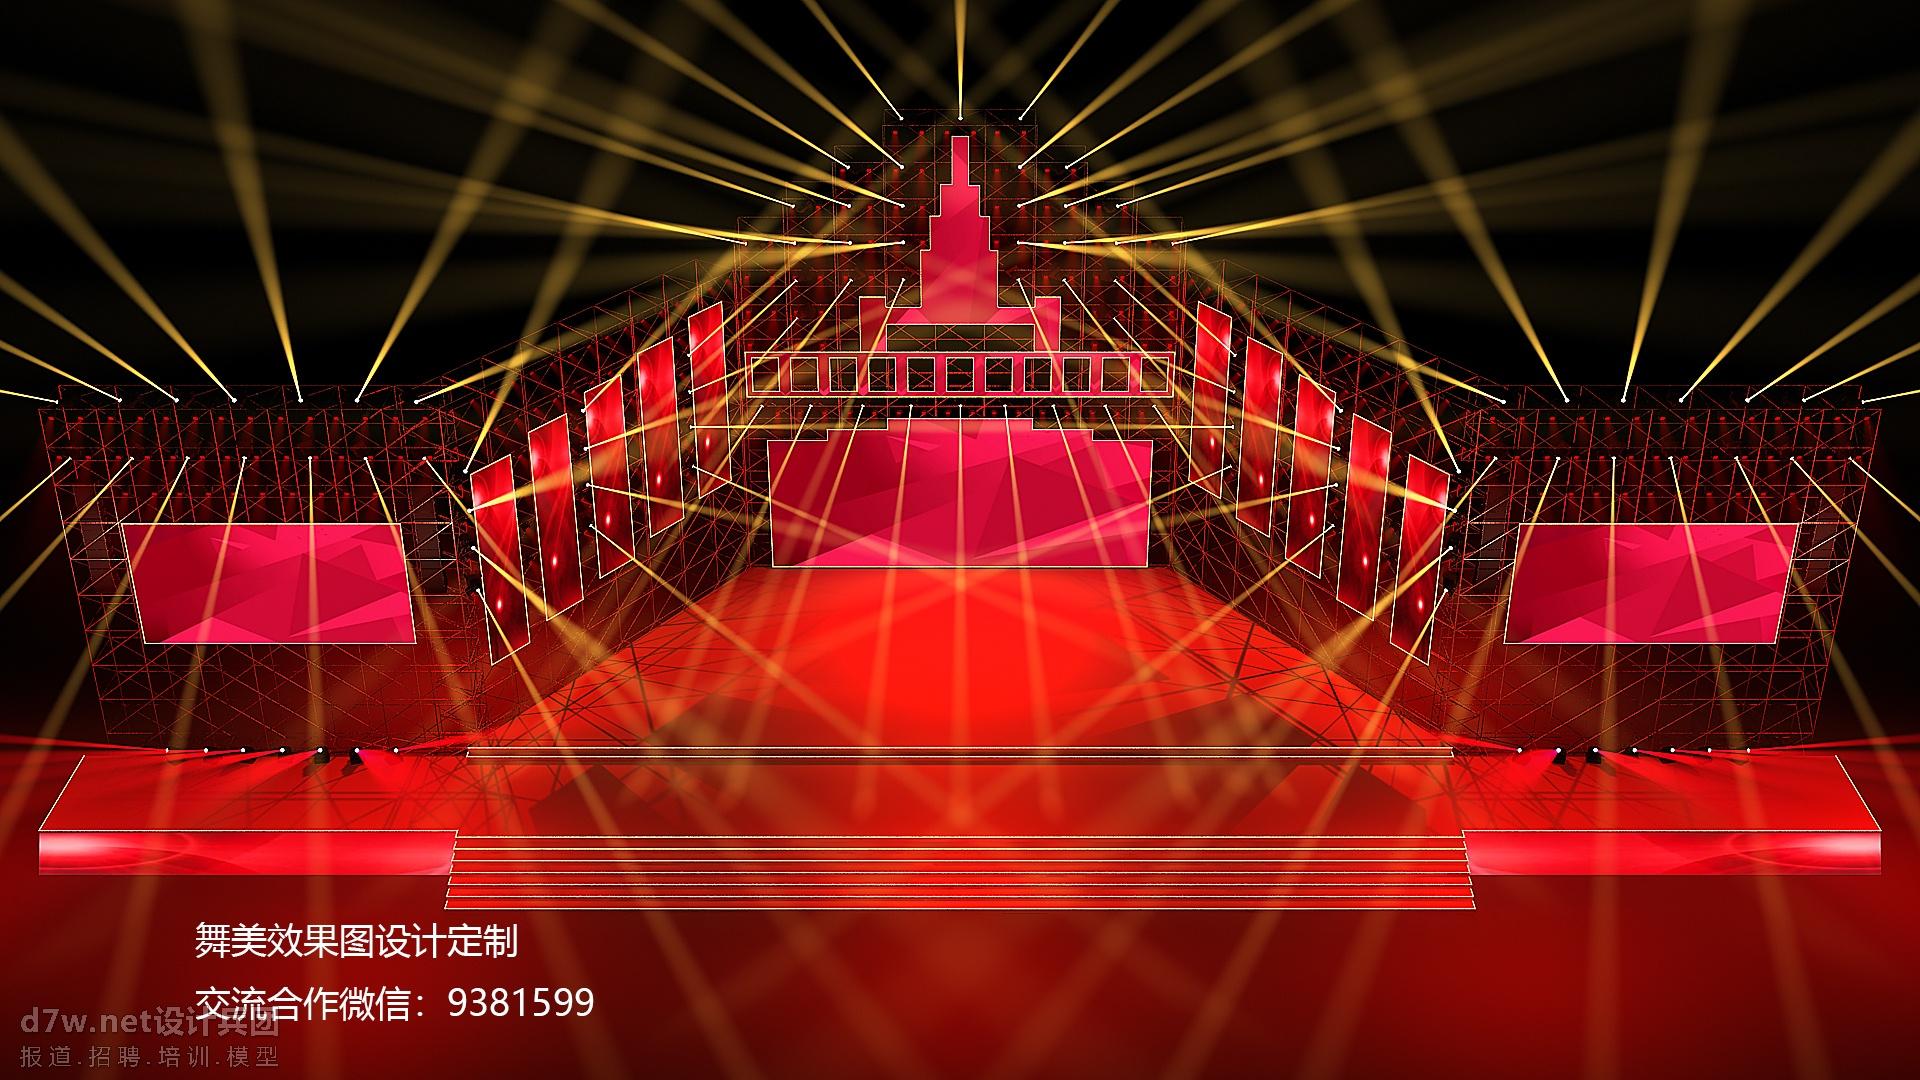 校庆舞美设计 校庆舞台设计 年会舞美设计 年会舞台设计 舞美设计定制 舞台设计定制 舞美3d设计 舞台3d设计  ...